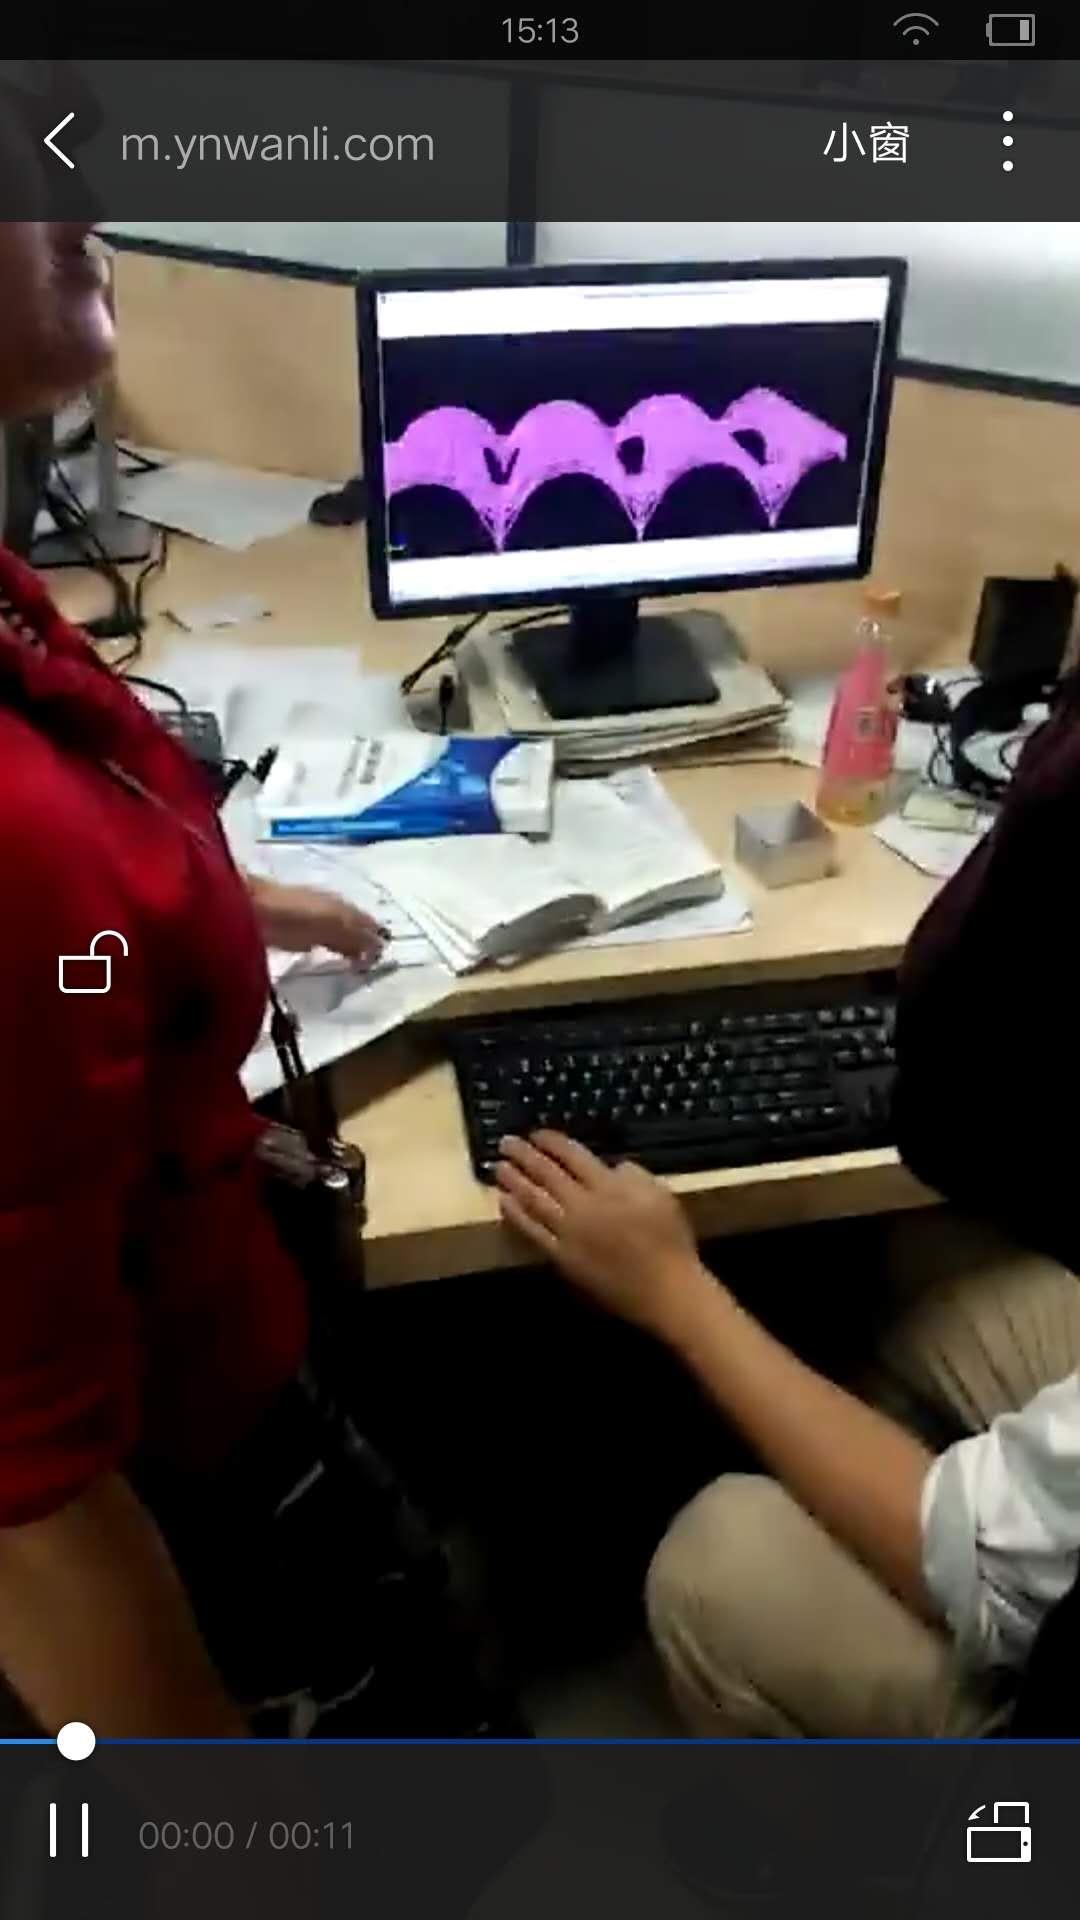 公司设计部门与云南省设计院进行技术交流,针对螺栓球、焊接球综合的异形网壳结构进行技术探讨